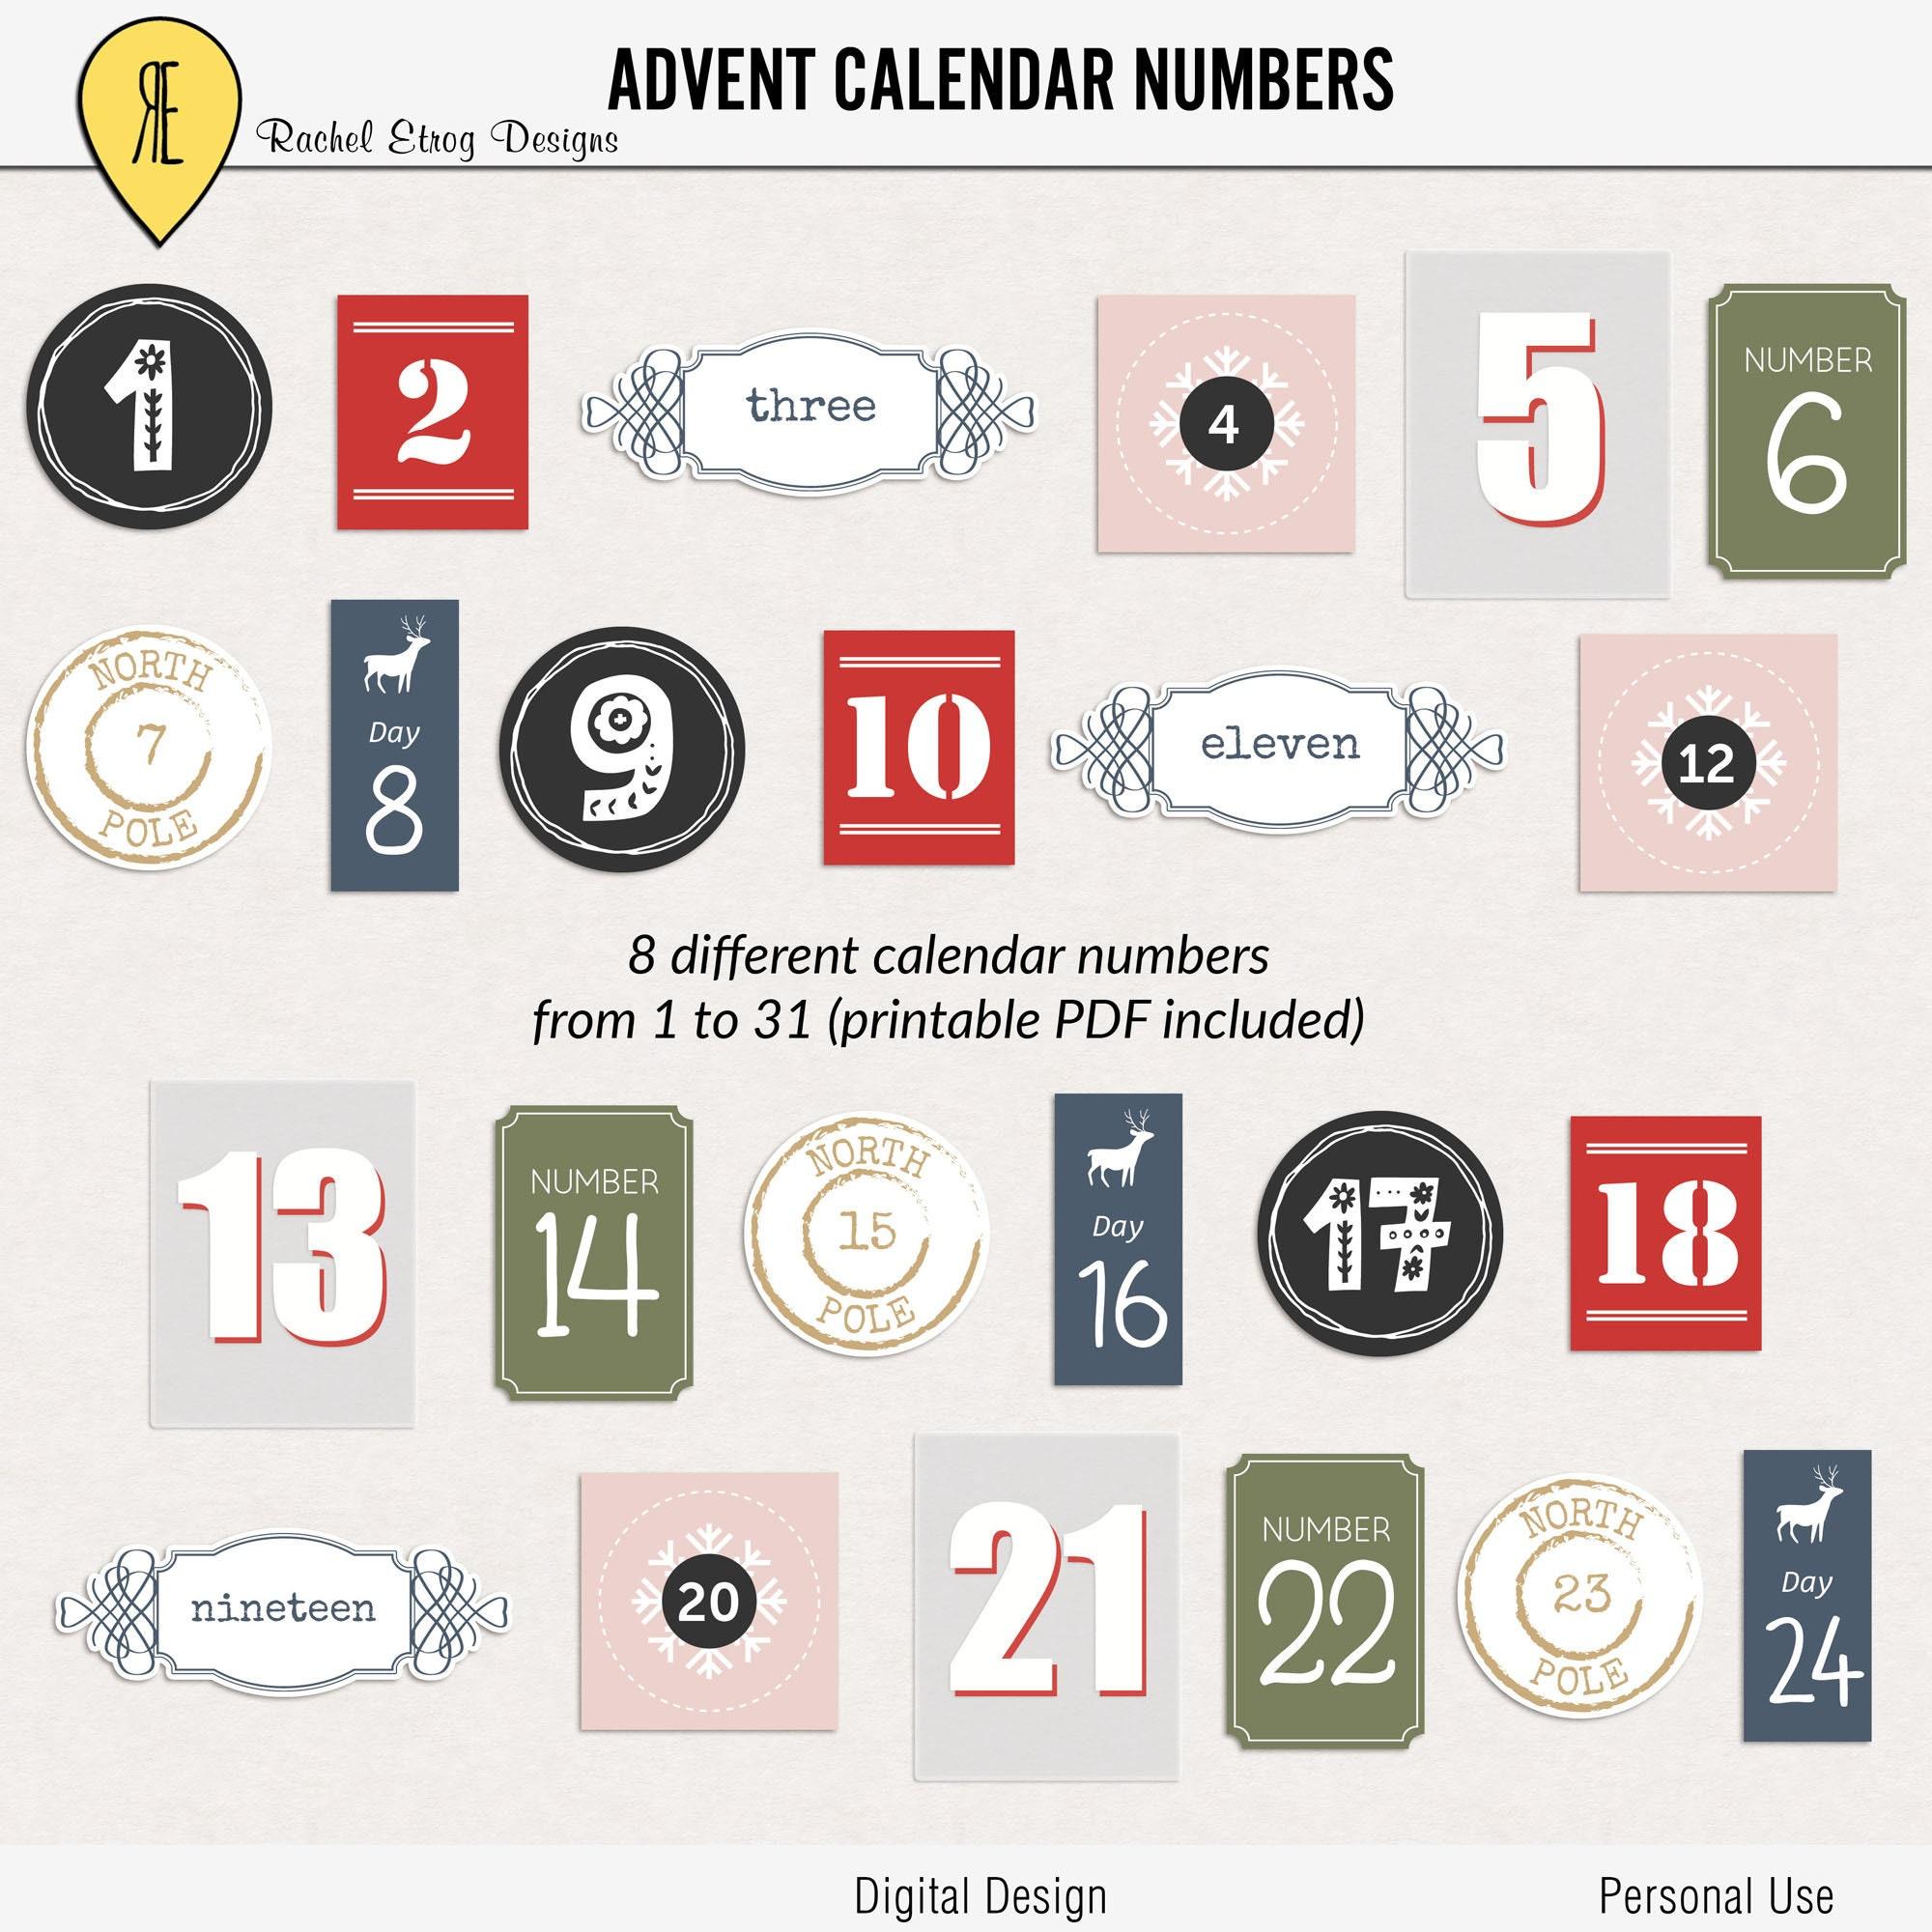 Numeri Per Calendario Avvento.Numeri Di Calendario Avvento Stampabile Autoadesivi Di Conto Alla Rovescia Di Natale Digitale Numeri Di Calendario Avvento Natale I Numeri Di